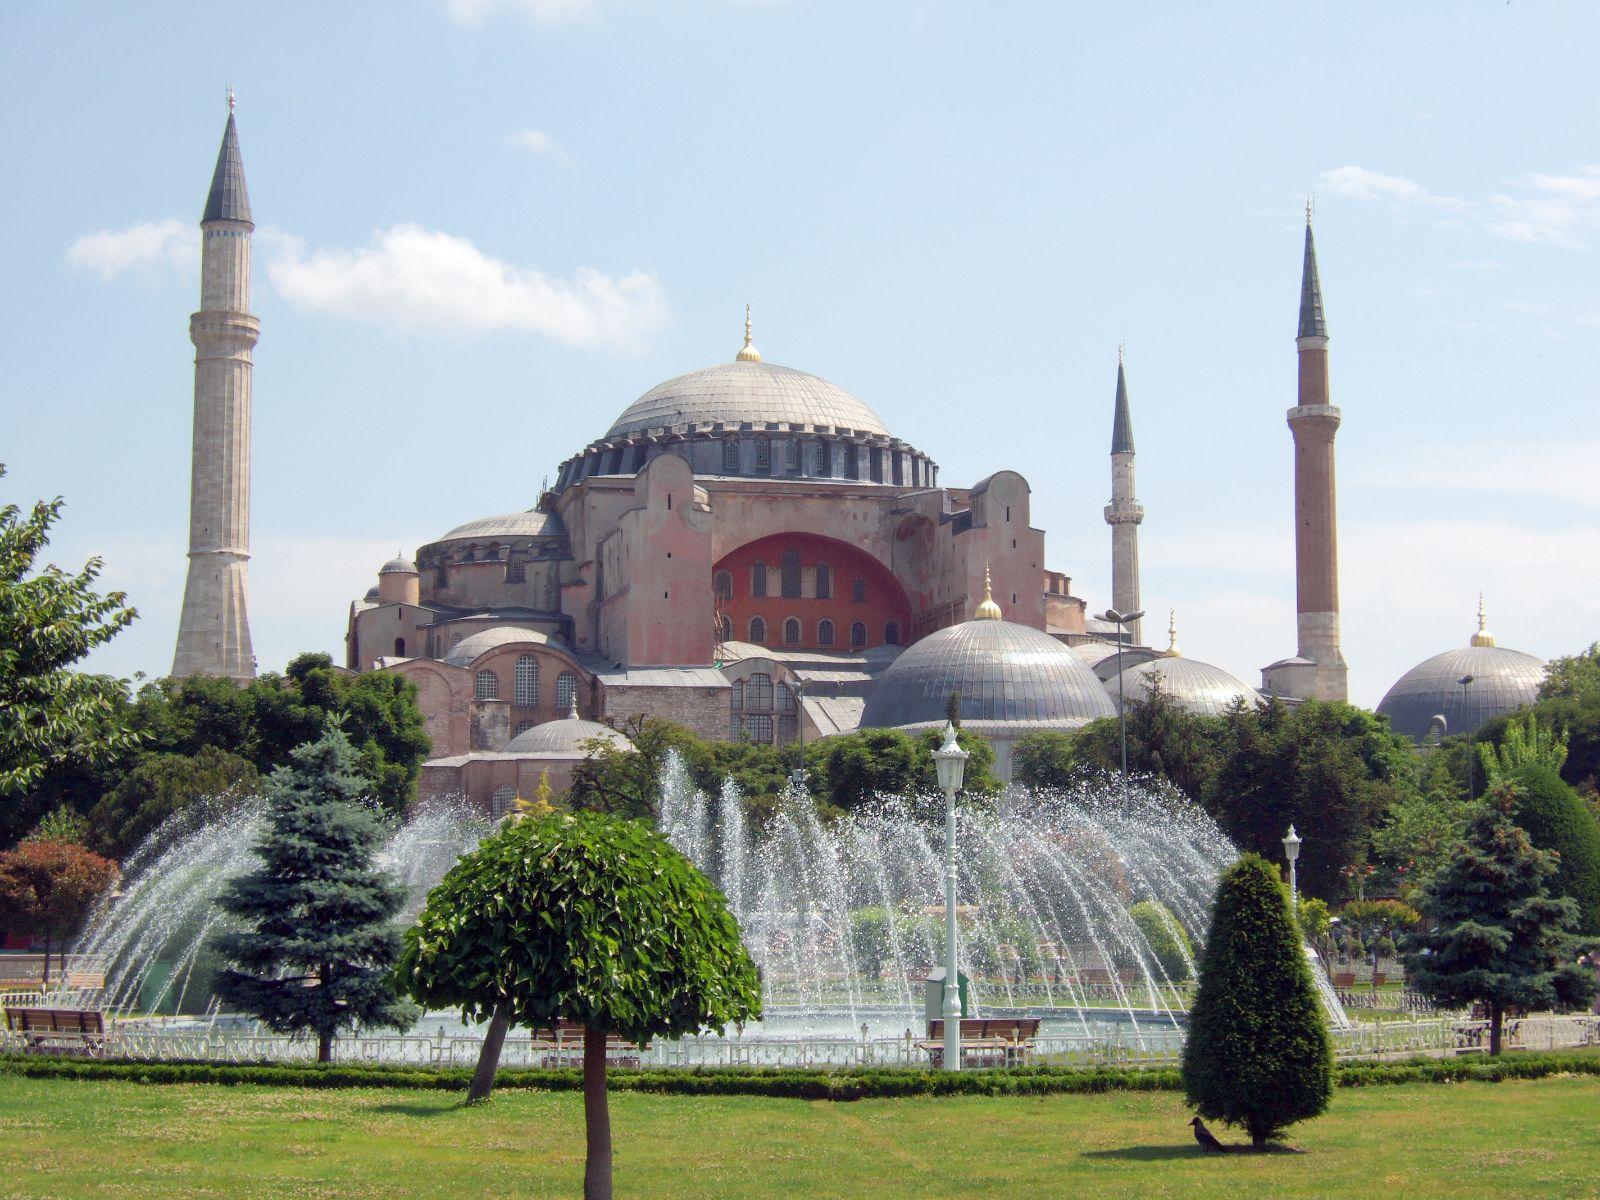 خلفيات اسلامية 2016 جديدة Wallpaper Hd Startimes خلفيات متحركة للكمبيوتر Hd Islamic Wallpapers 2013 1376010236 892 Taj Mahal Landmarks Building